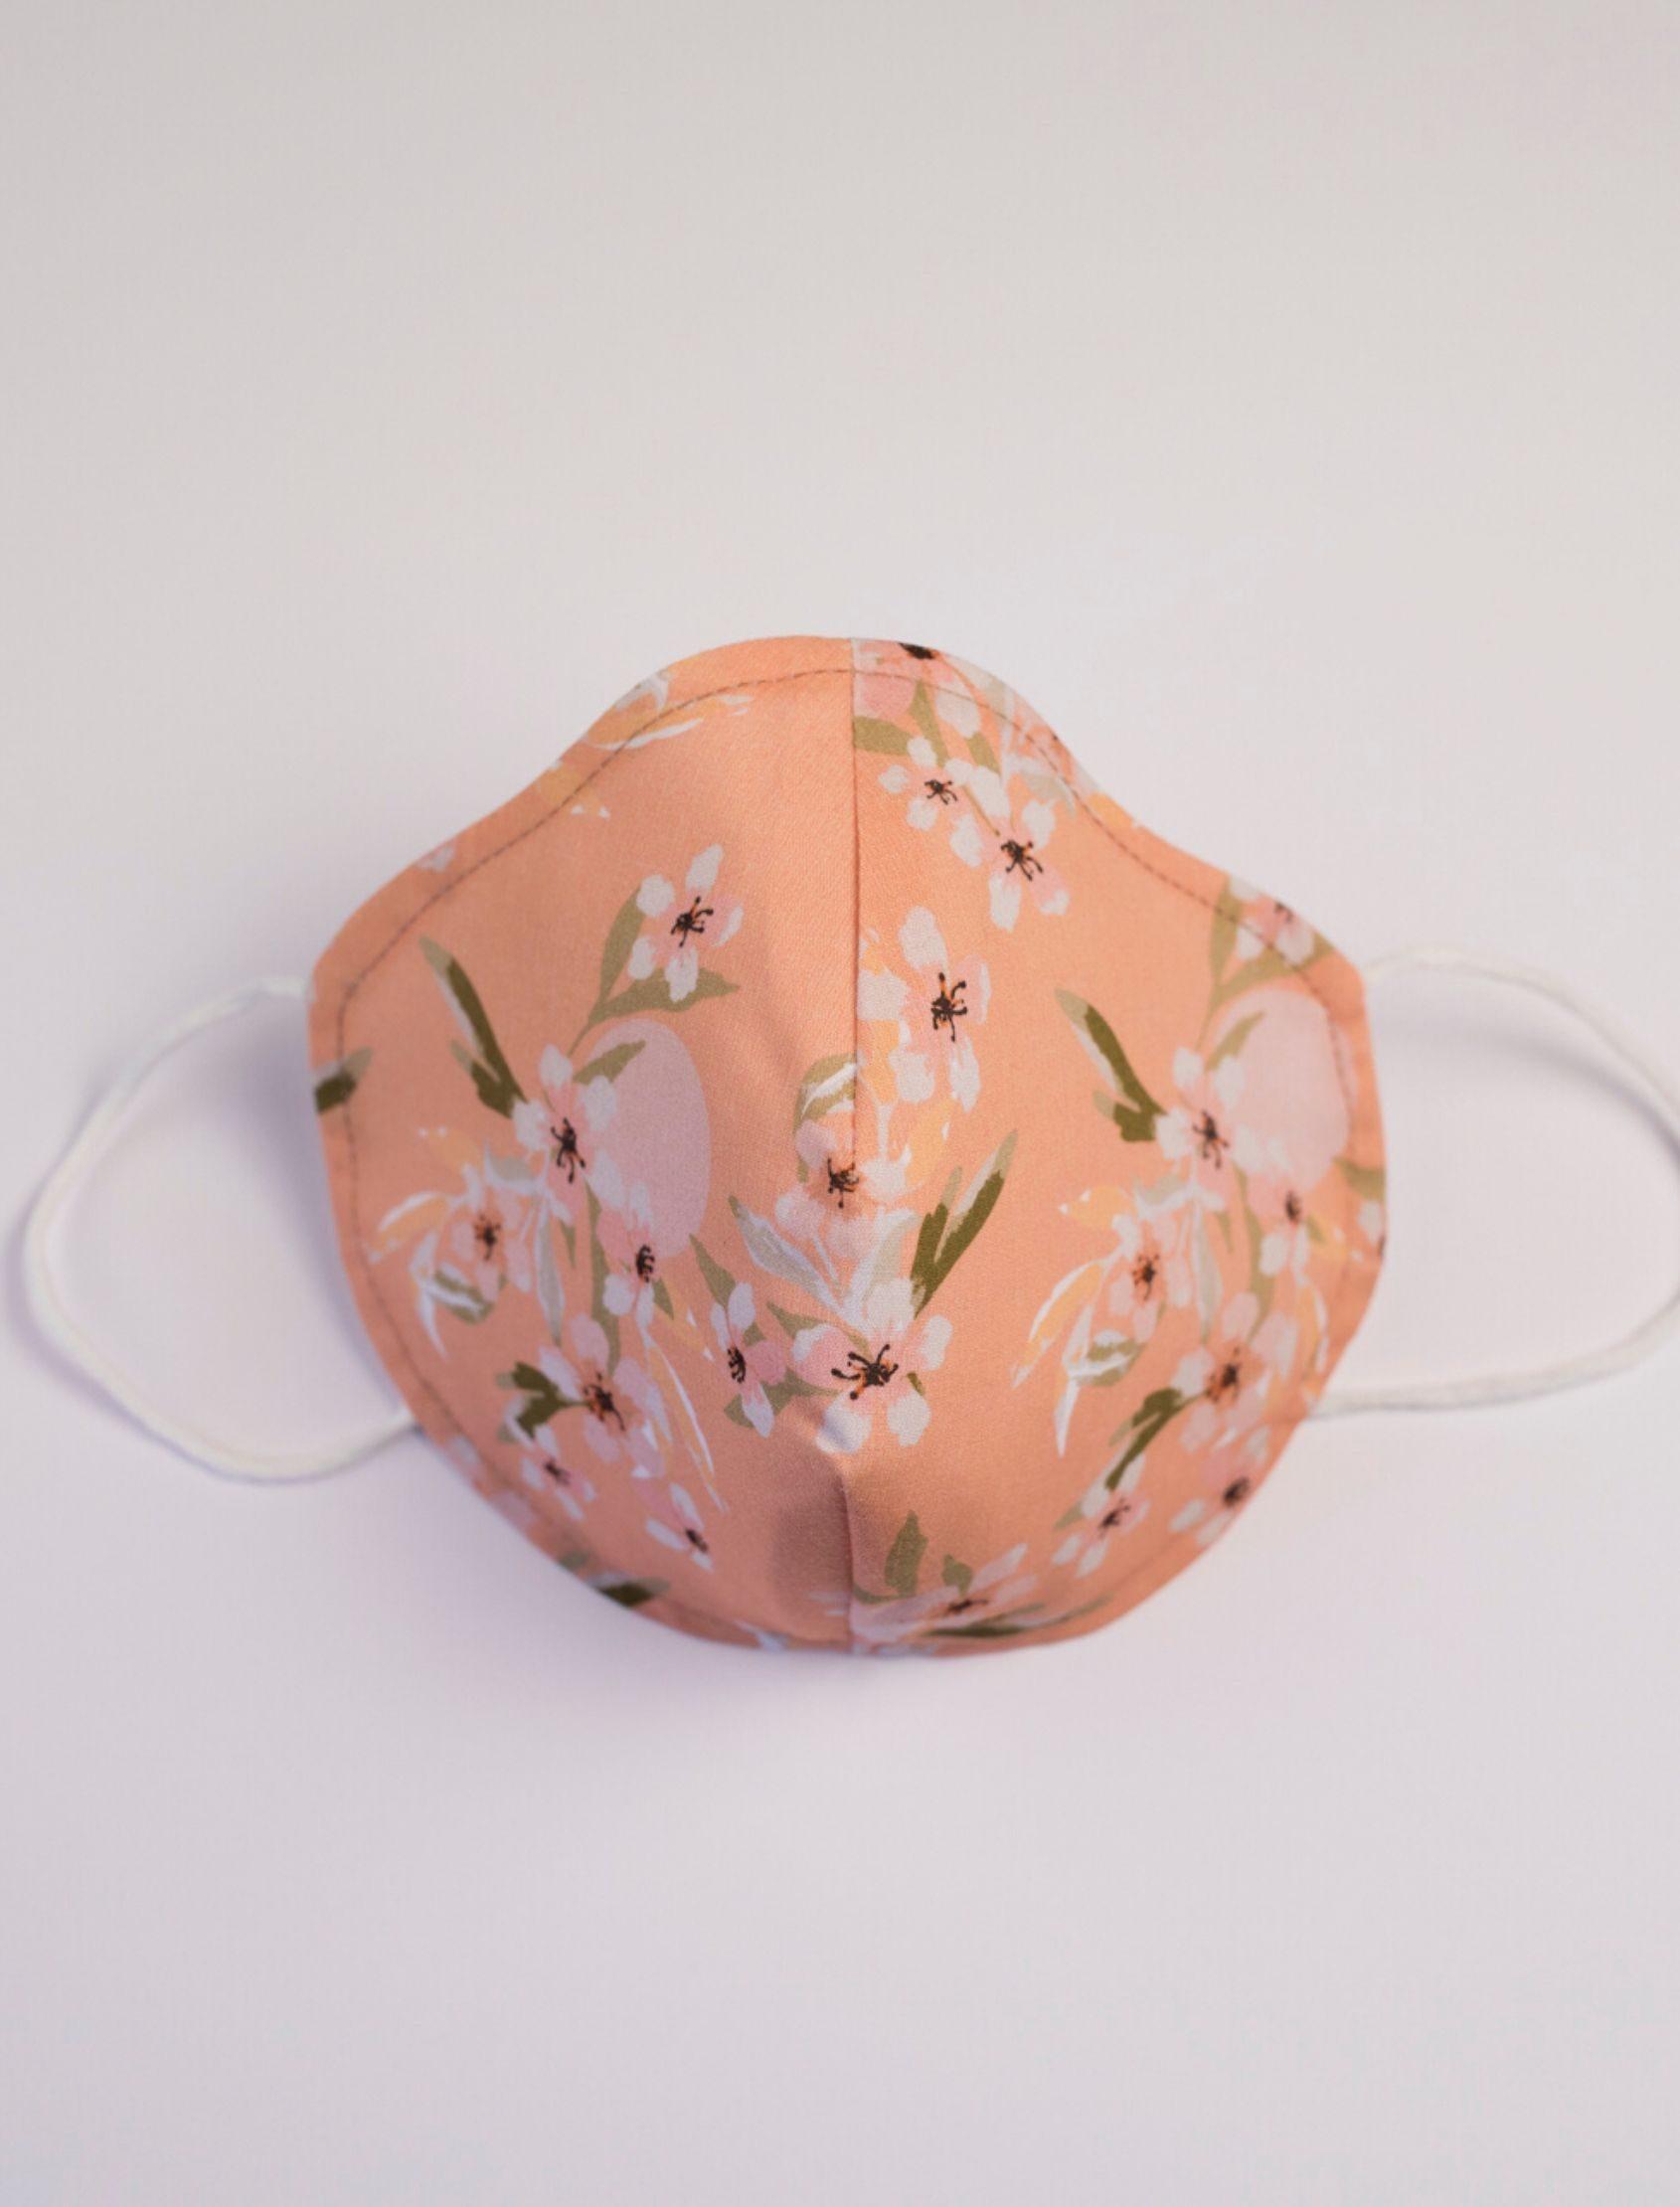 Mascarilla bárbara con estampado floral diseñado por cris domínguez